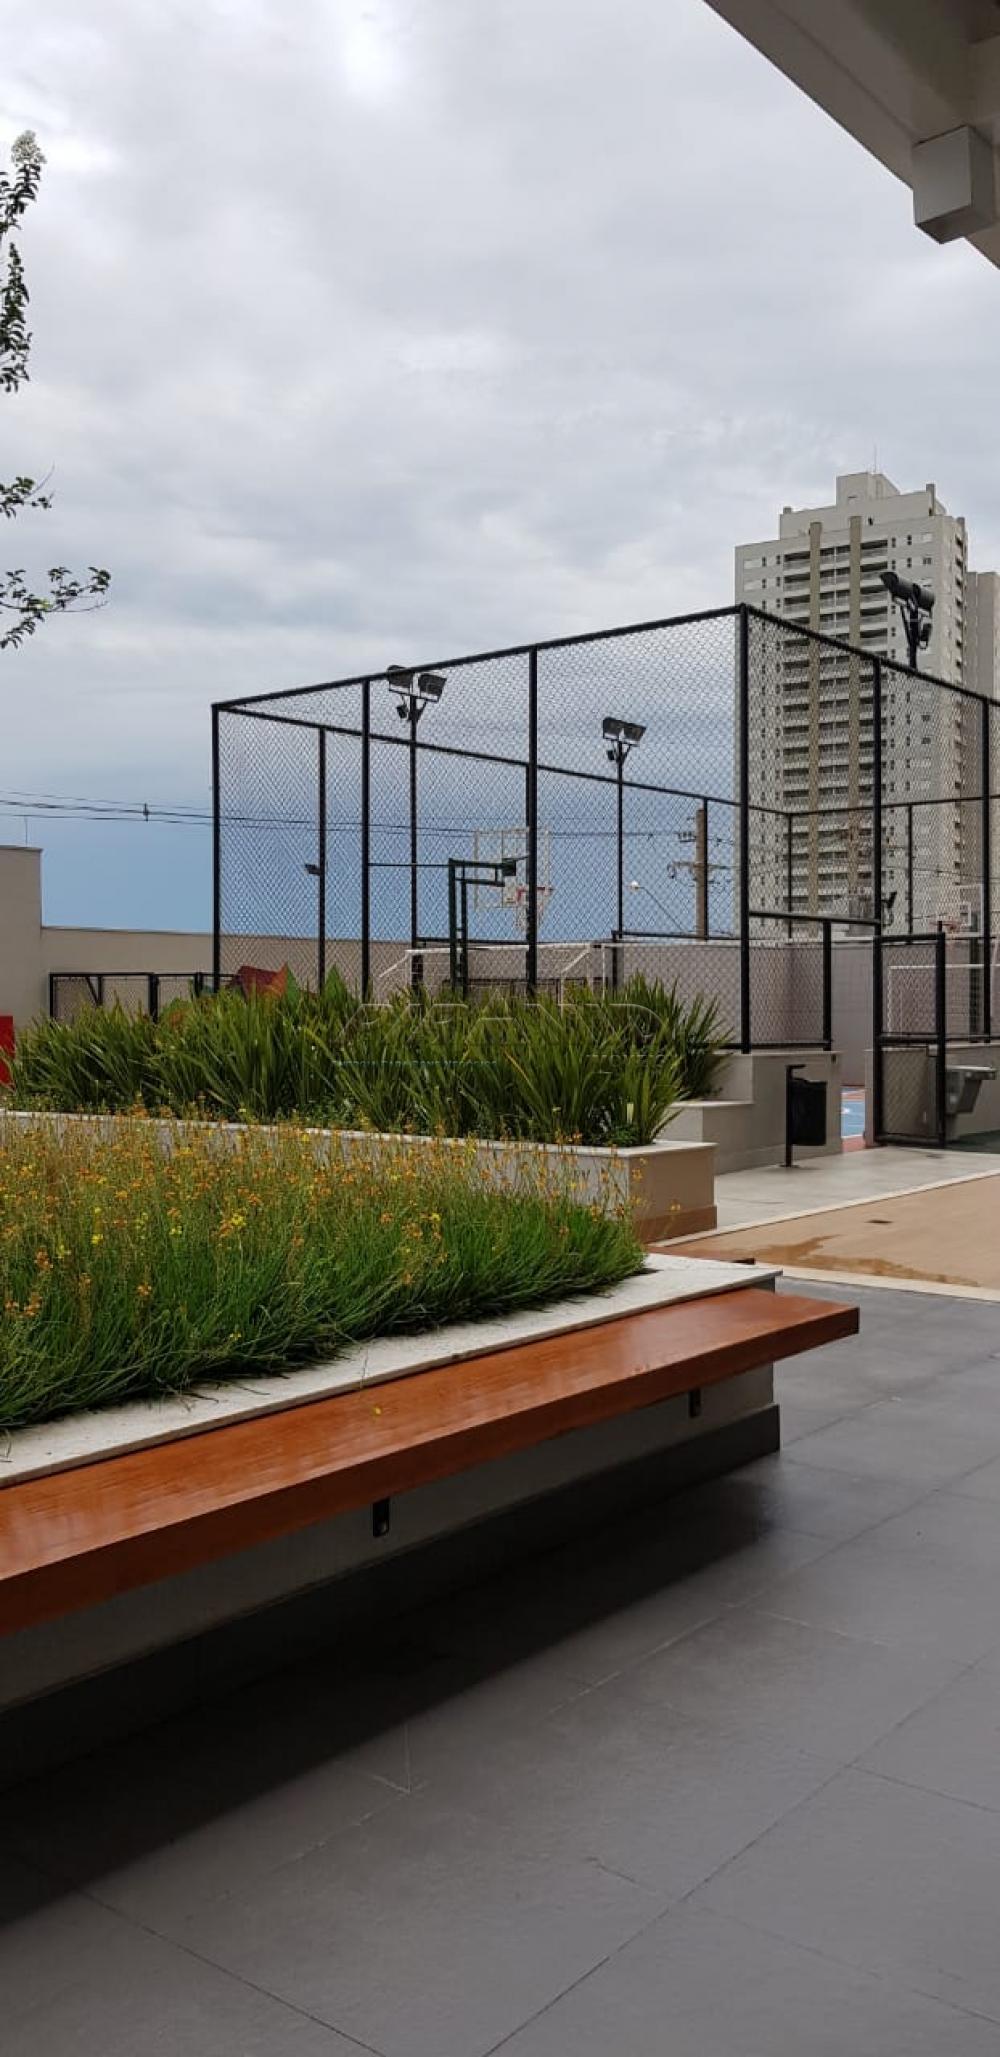 Comprar Apartamento / Lançamento em Ribeirão Preto apenas R$ 521.041,04 - Foto 11